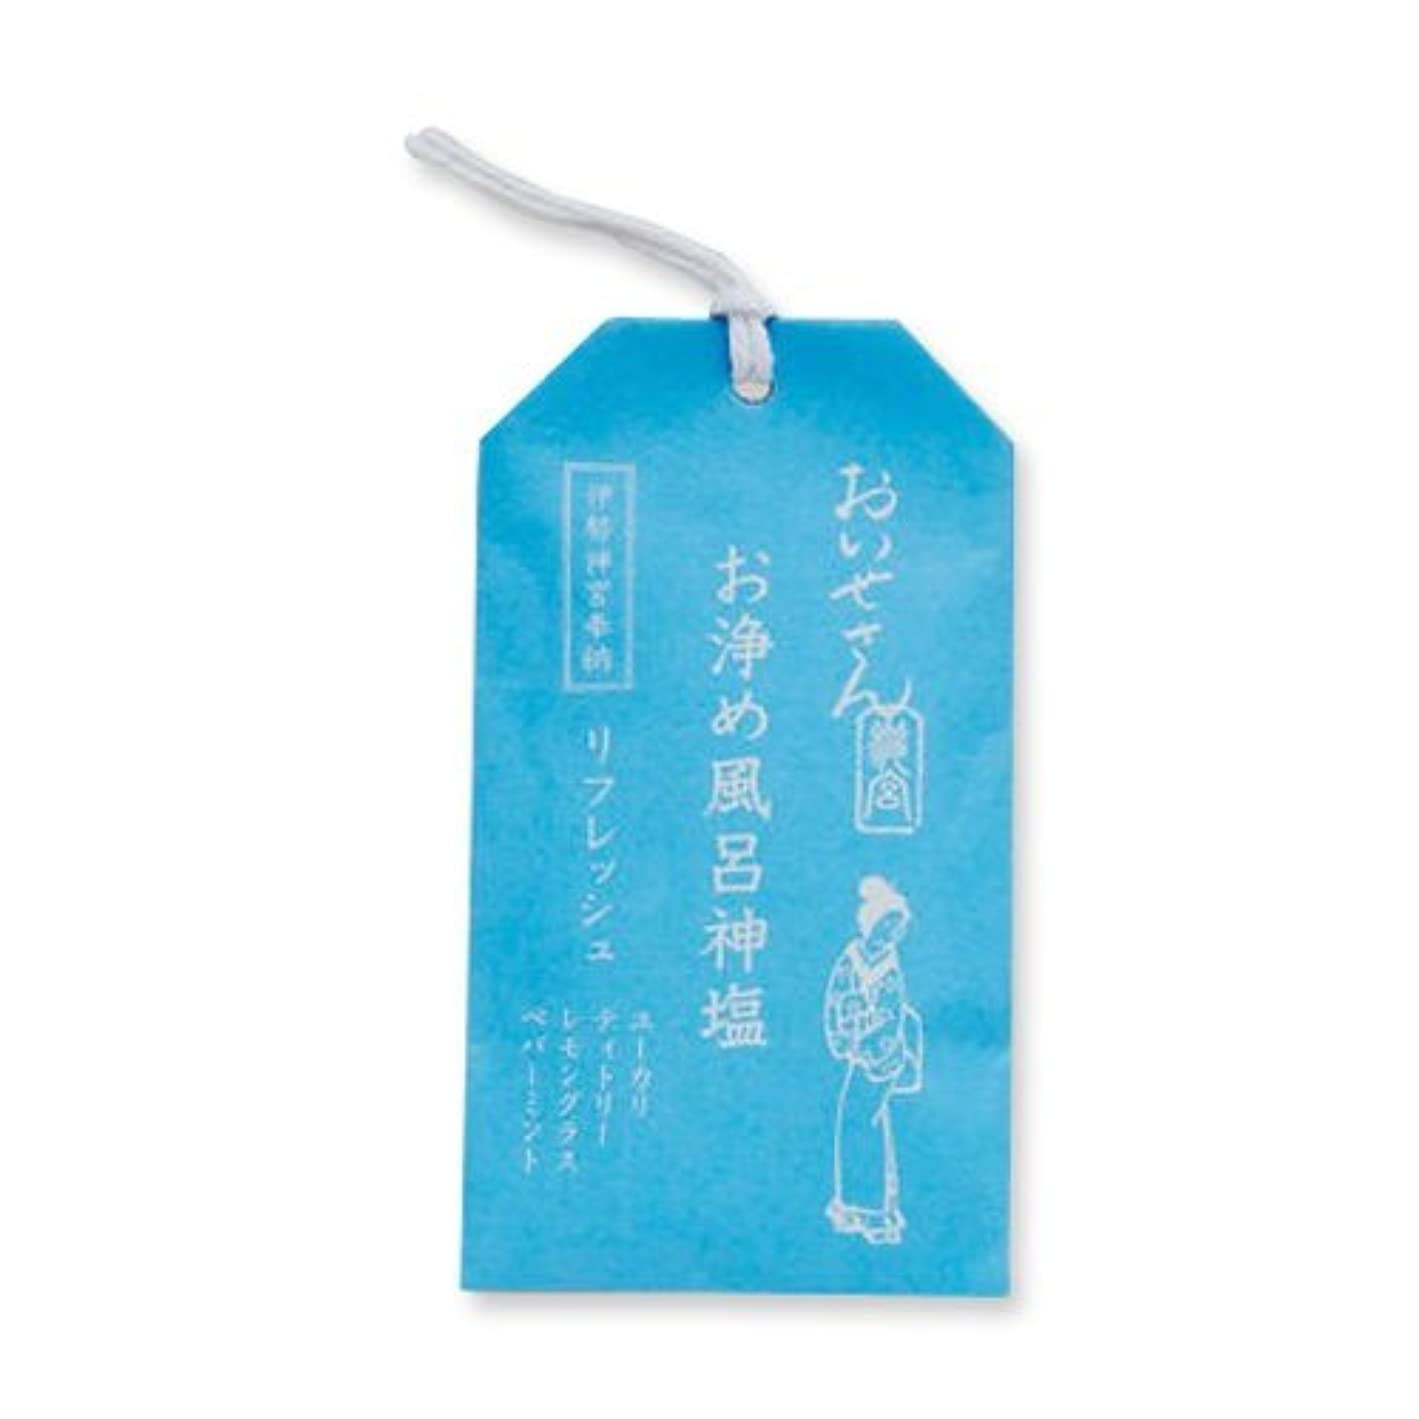 硬い囲い加入おいせさん お浄め風呂神塩 バス用ソルト(リフレッシュ) 20g